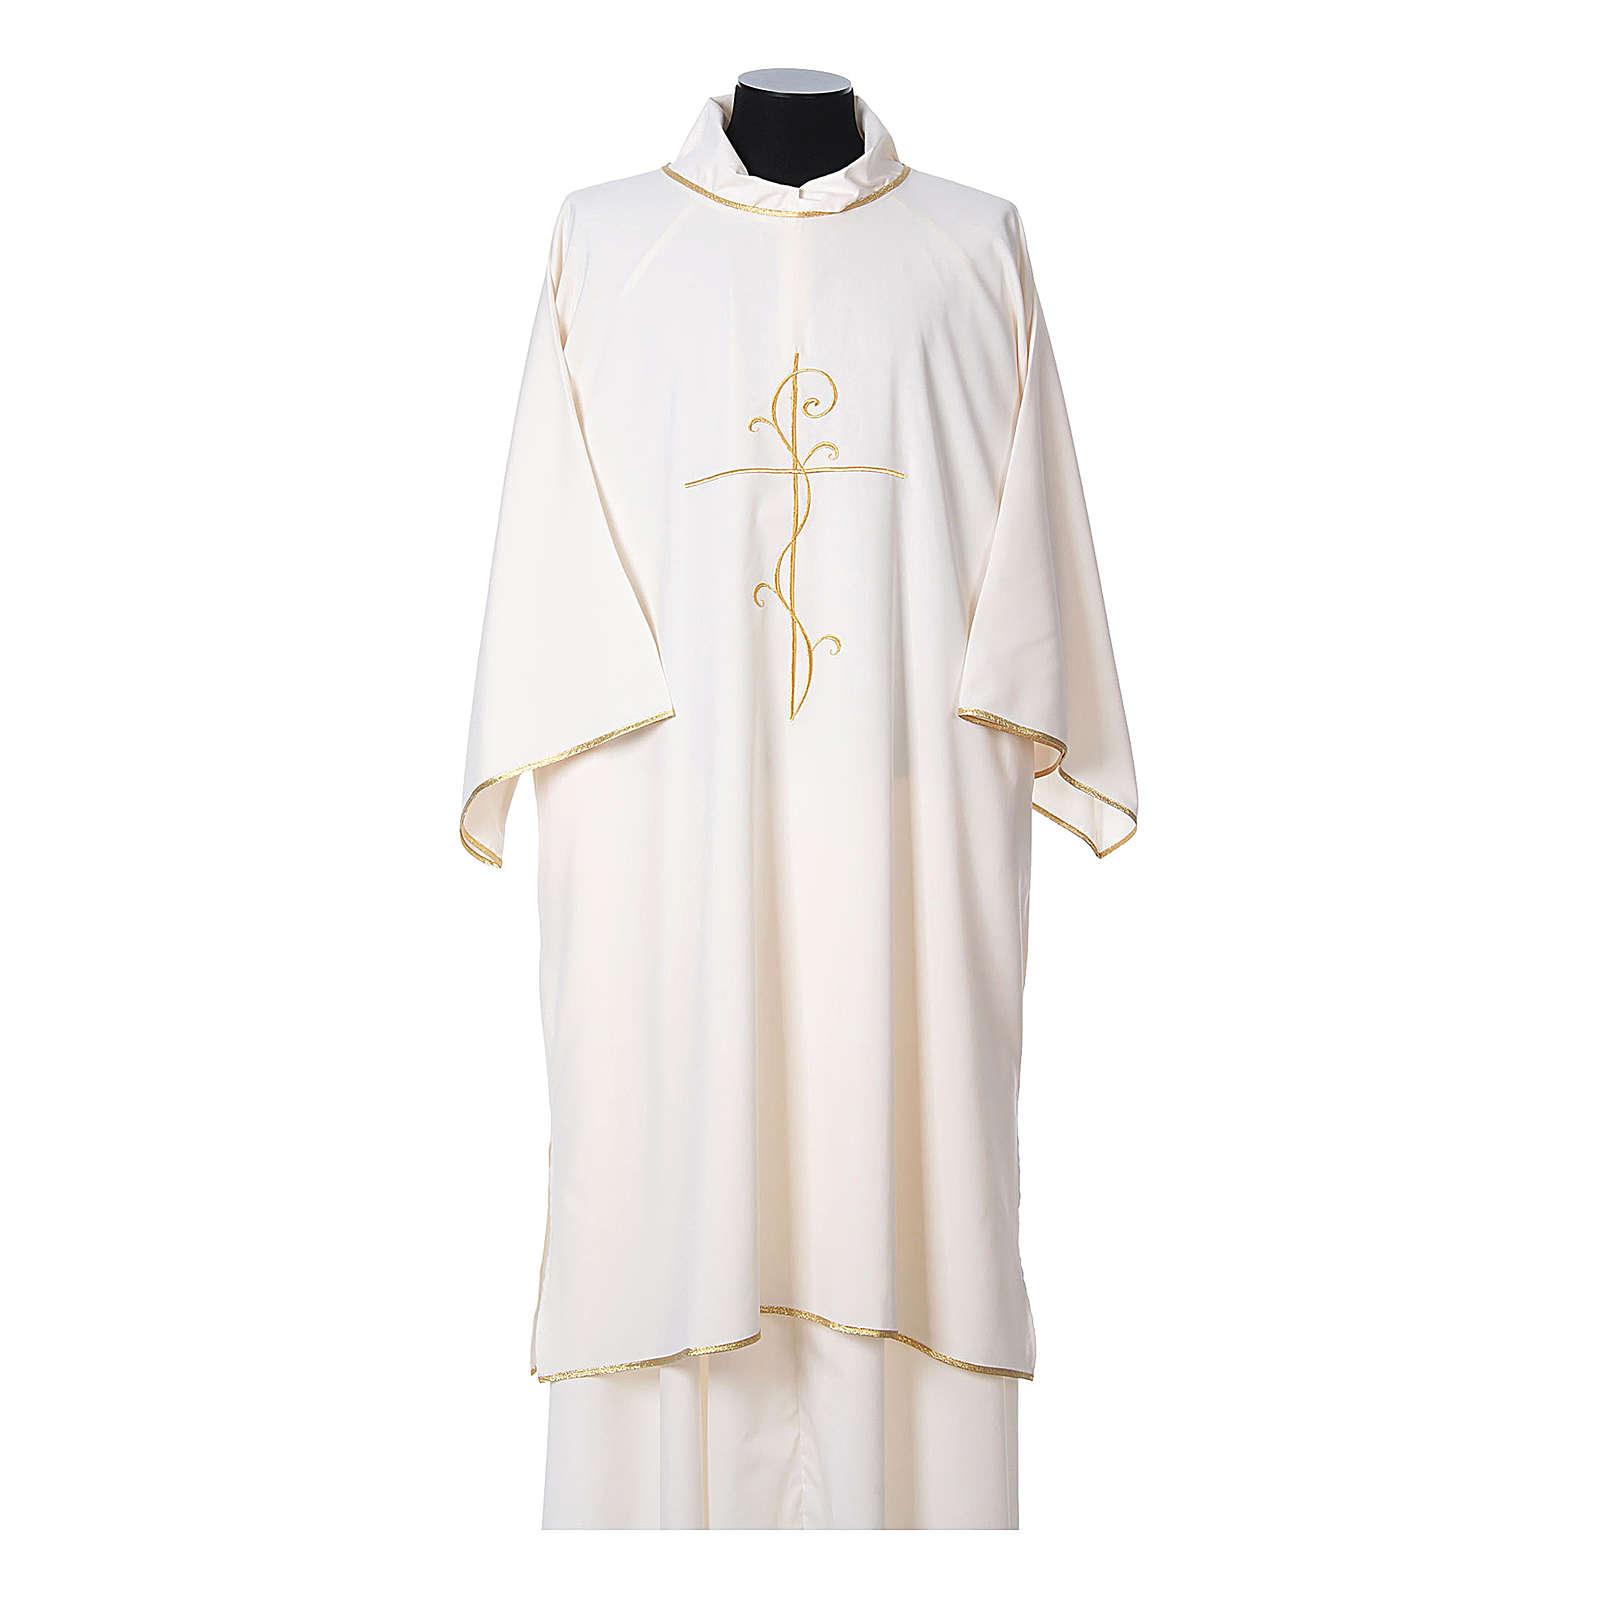 Dalmatyka tkanina bardzo lekka Vatican haft Pokój Lilie przód tył 4